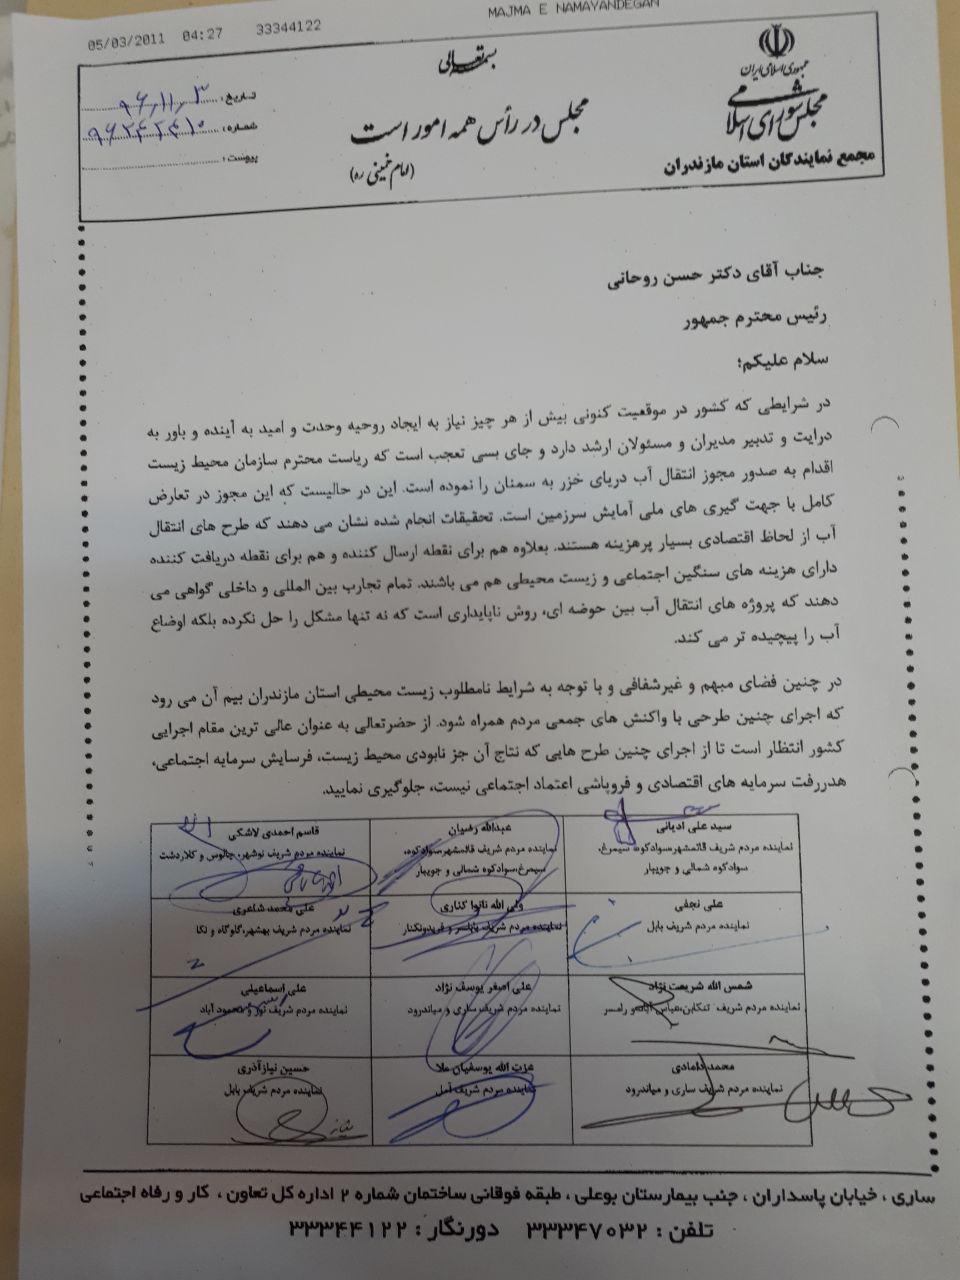 نامه مجمع نمایندگان مازندران